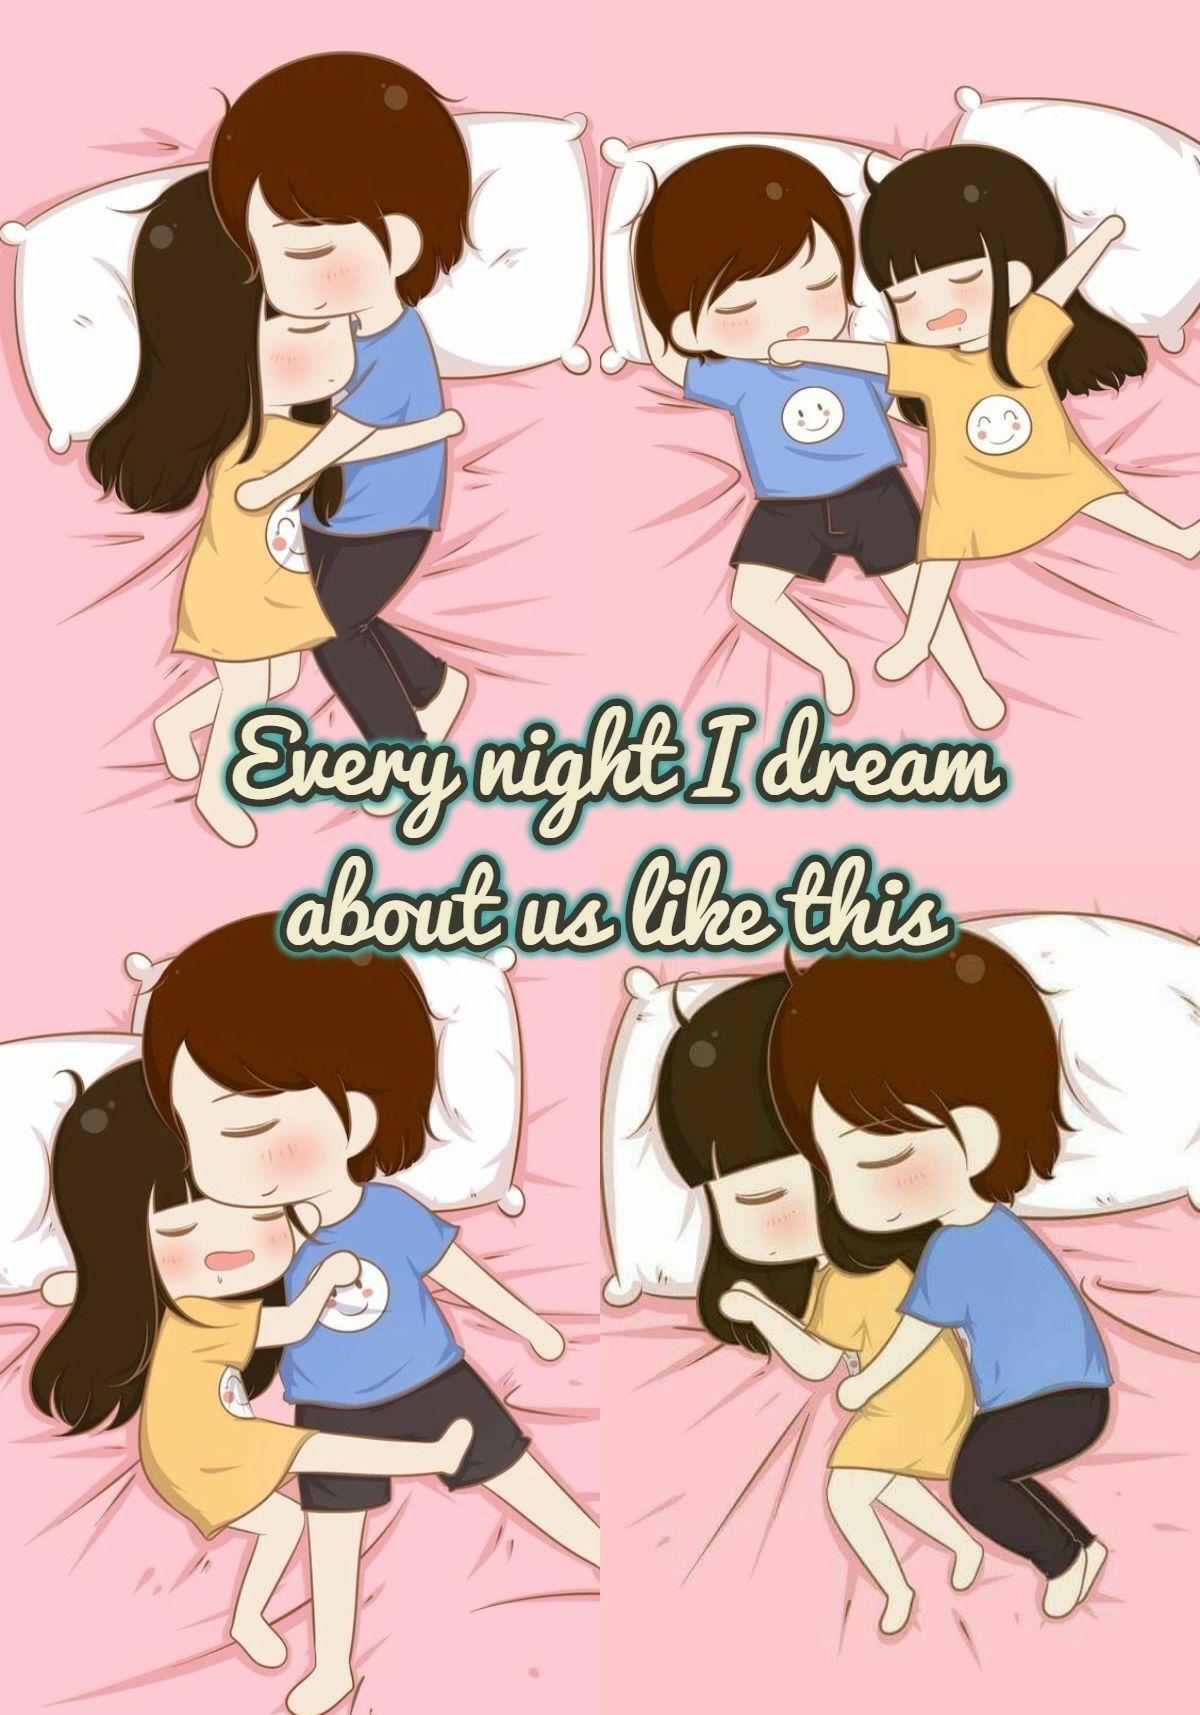 Seria Incrivel Seria Otimo Todas As Noites Eu Sonho Com A Gnt